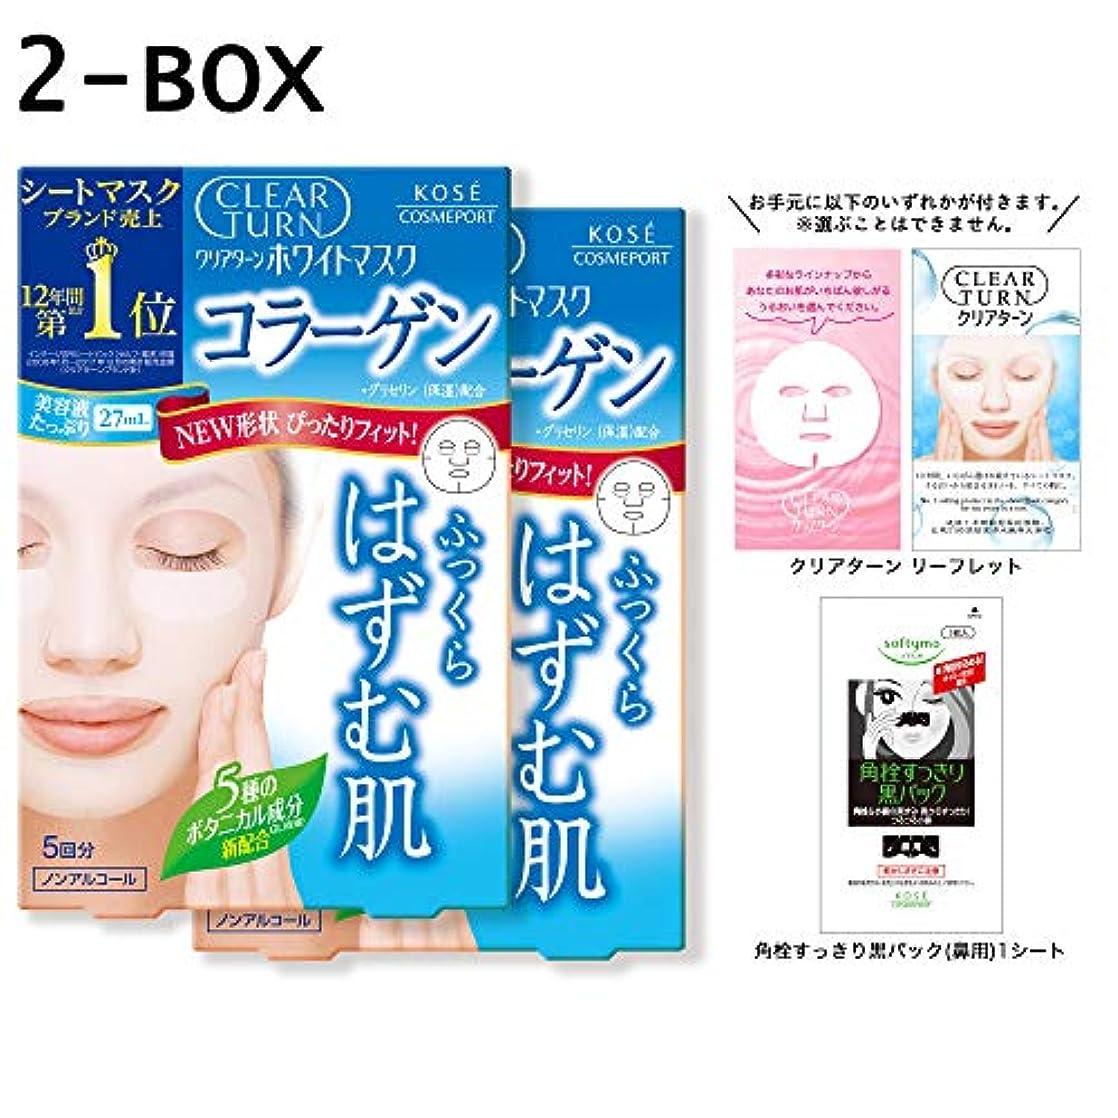 流描く親【Amazon.co.jp限定】KOSE クリアターン ホワイトマスク コラーゲン 5回分 2P+おまけ付 フェイスマスク